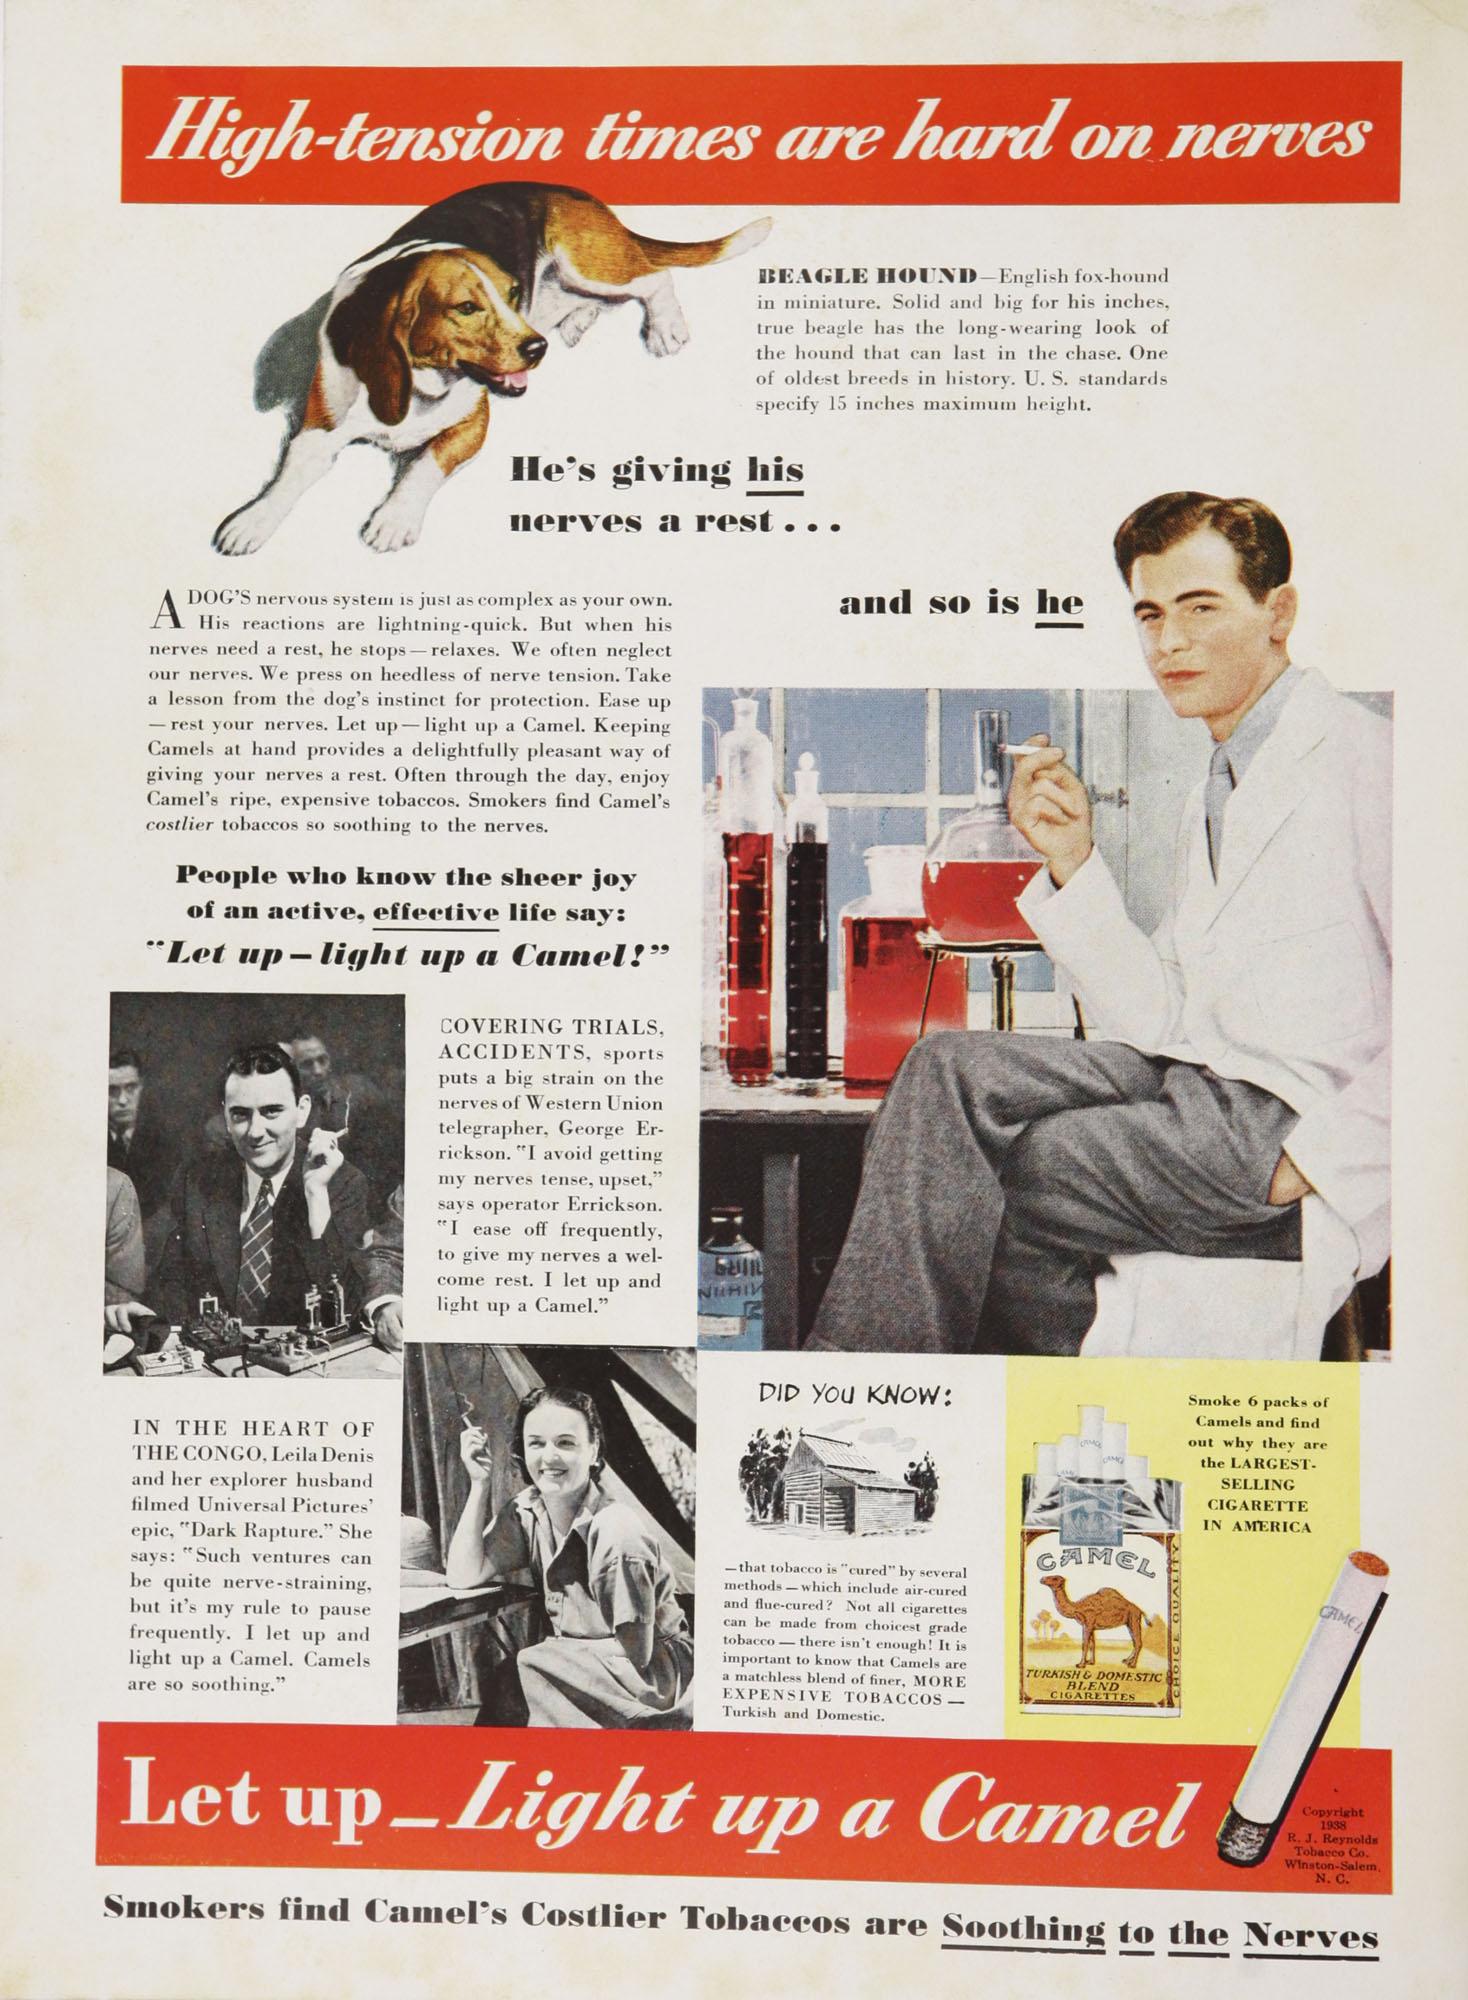 College of Charleston Magazine, 1938-1939, Vol. XXXXII No. 1, advertisement